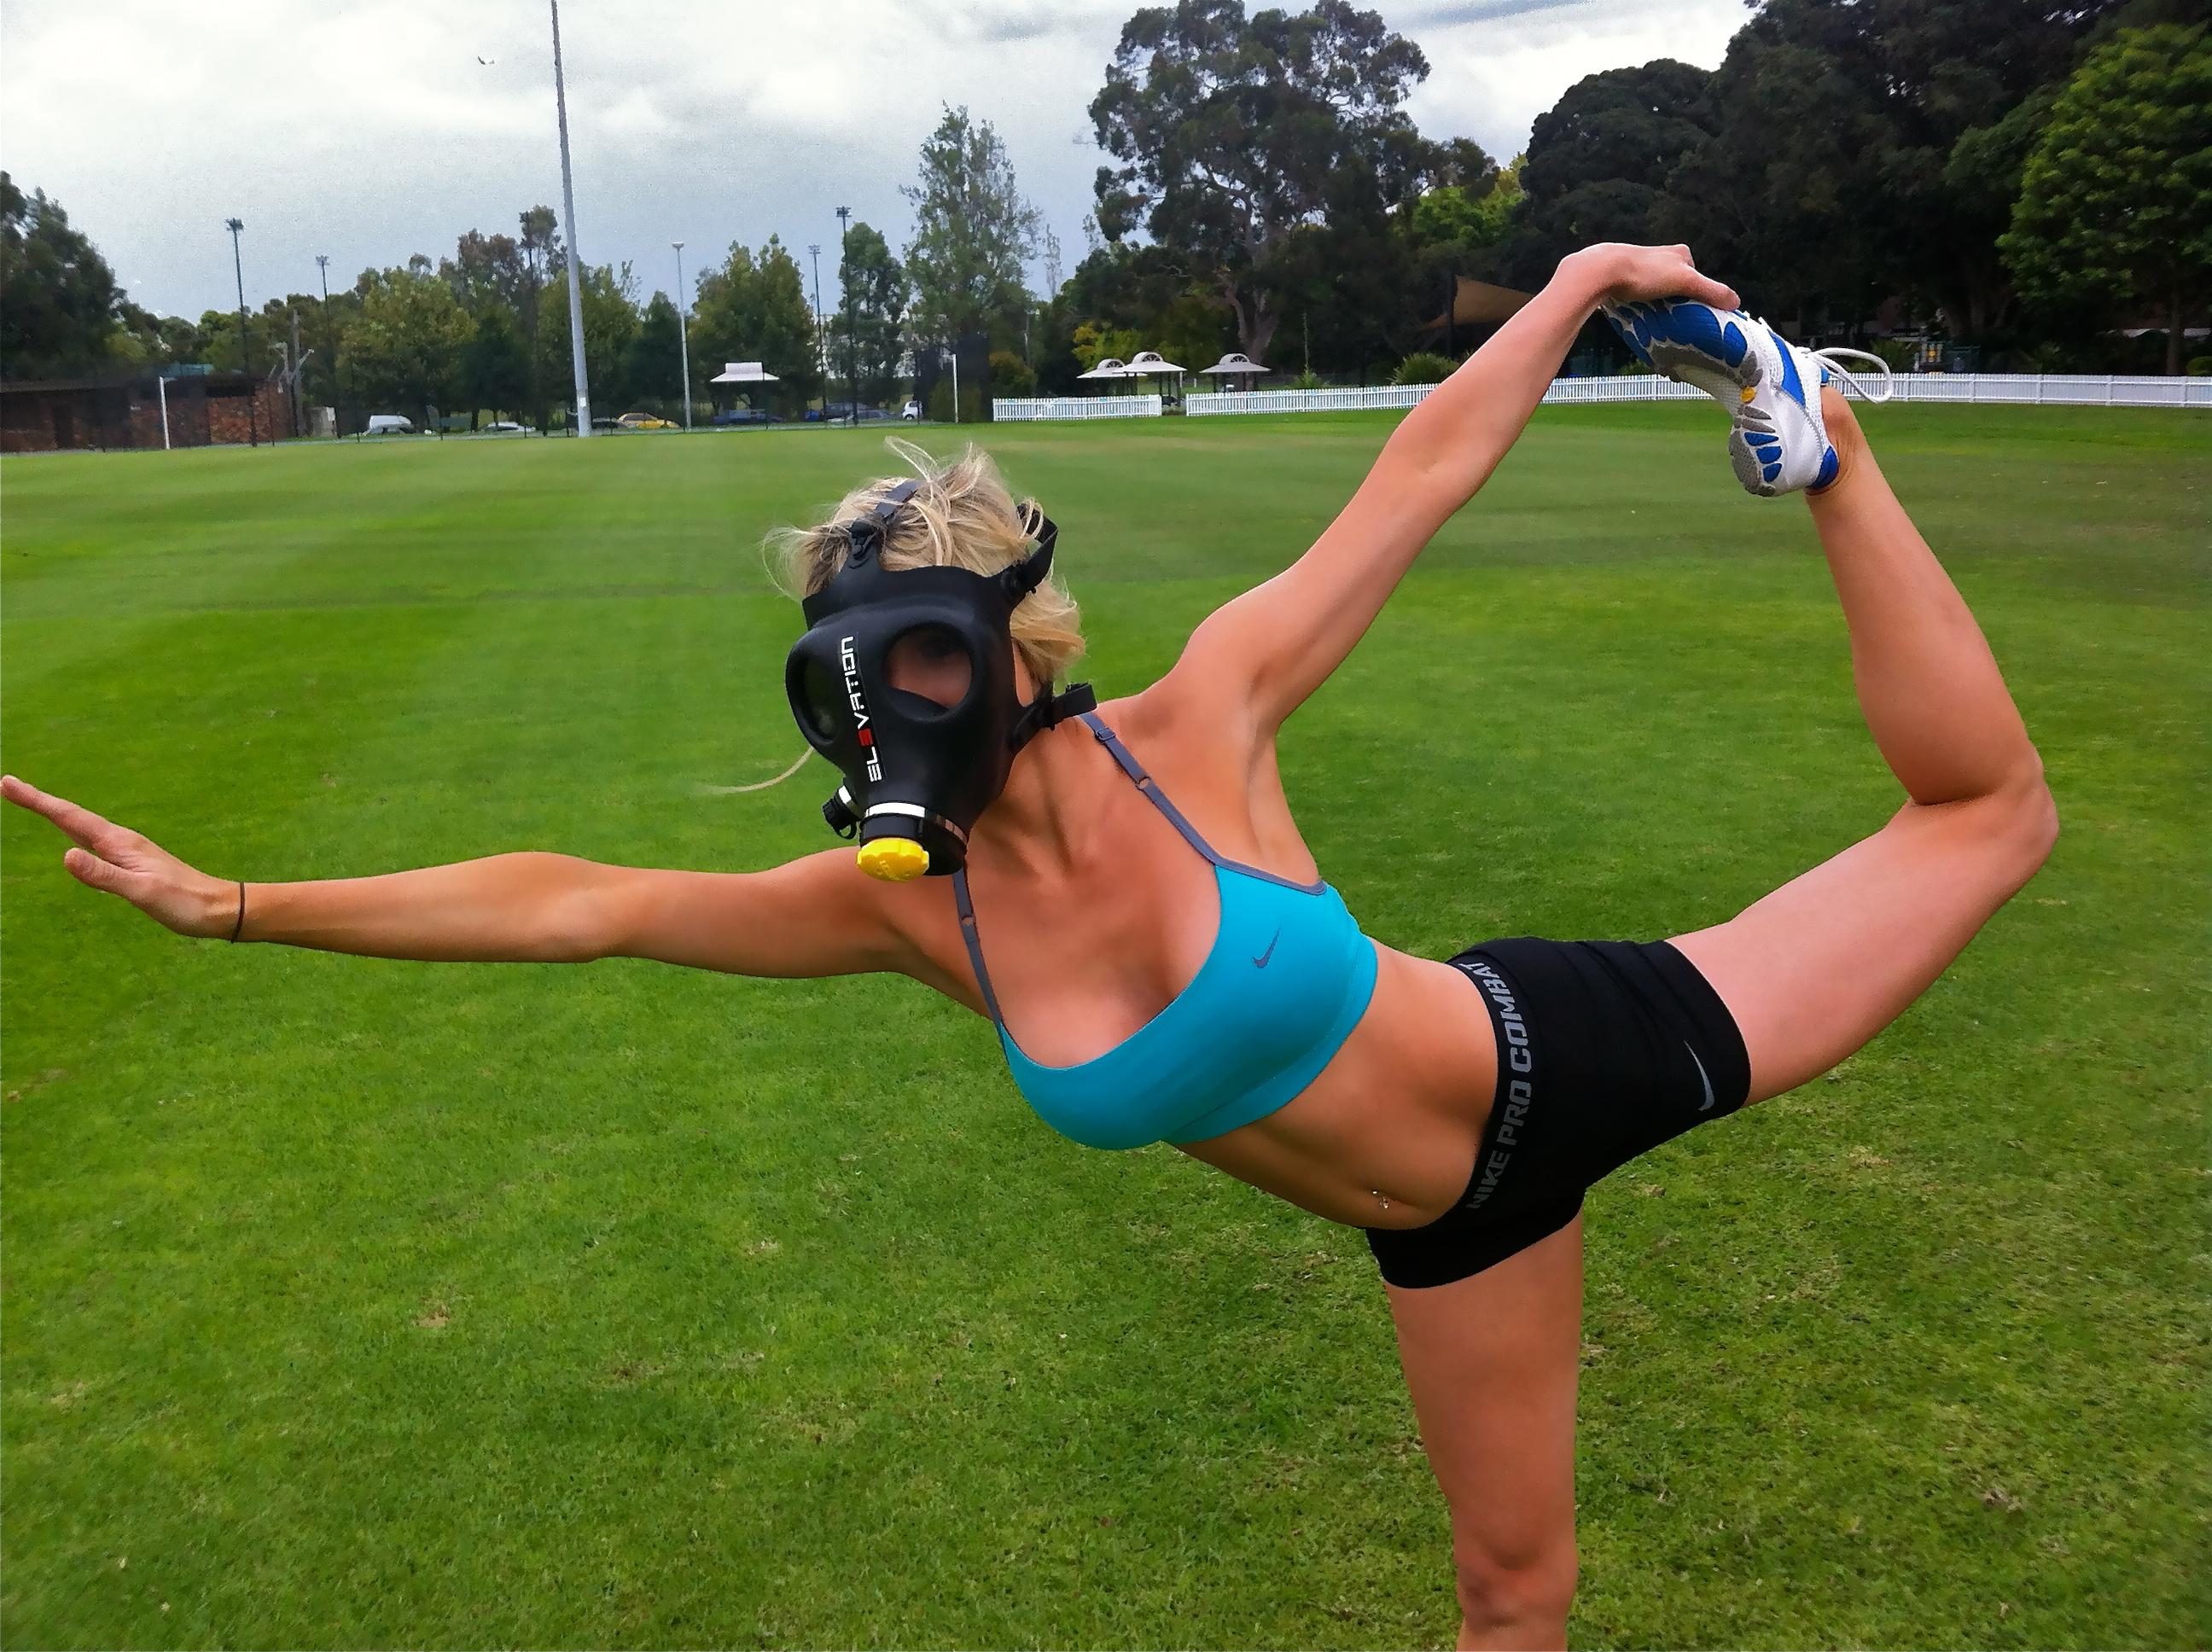 Emma doing yoga in Elevation Training Mask